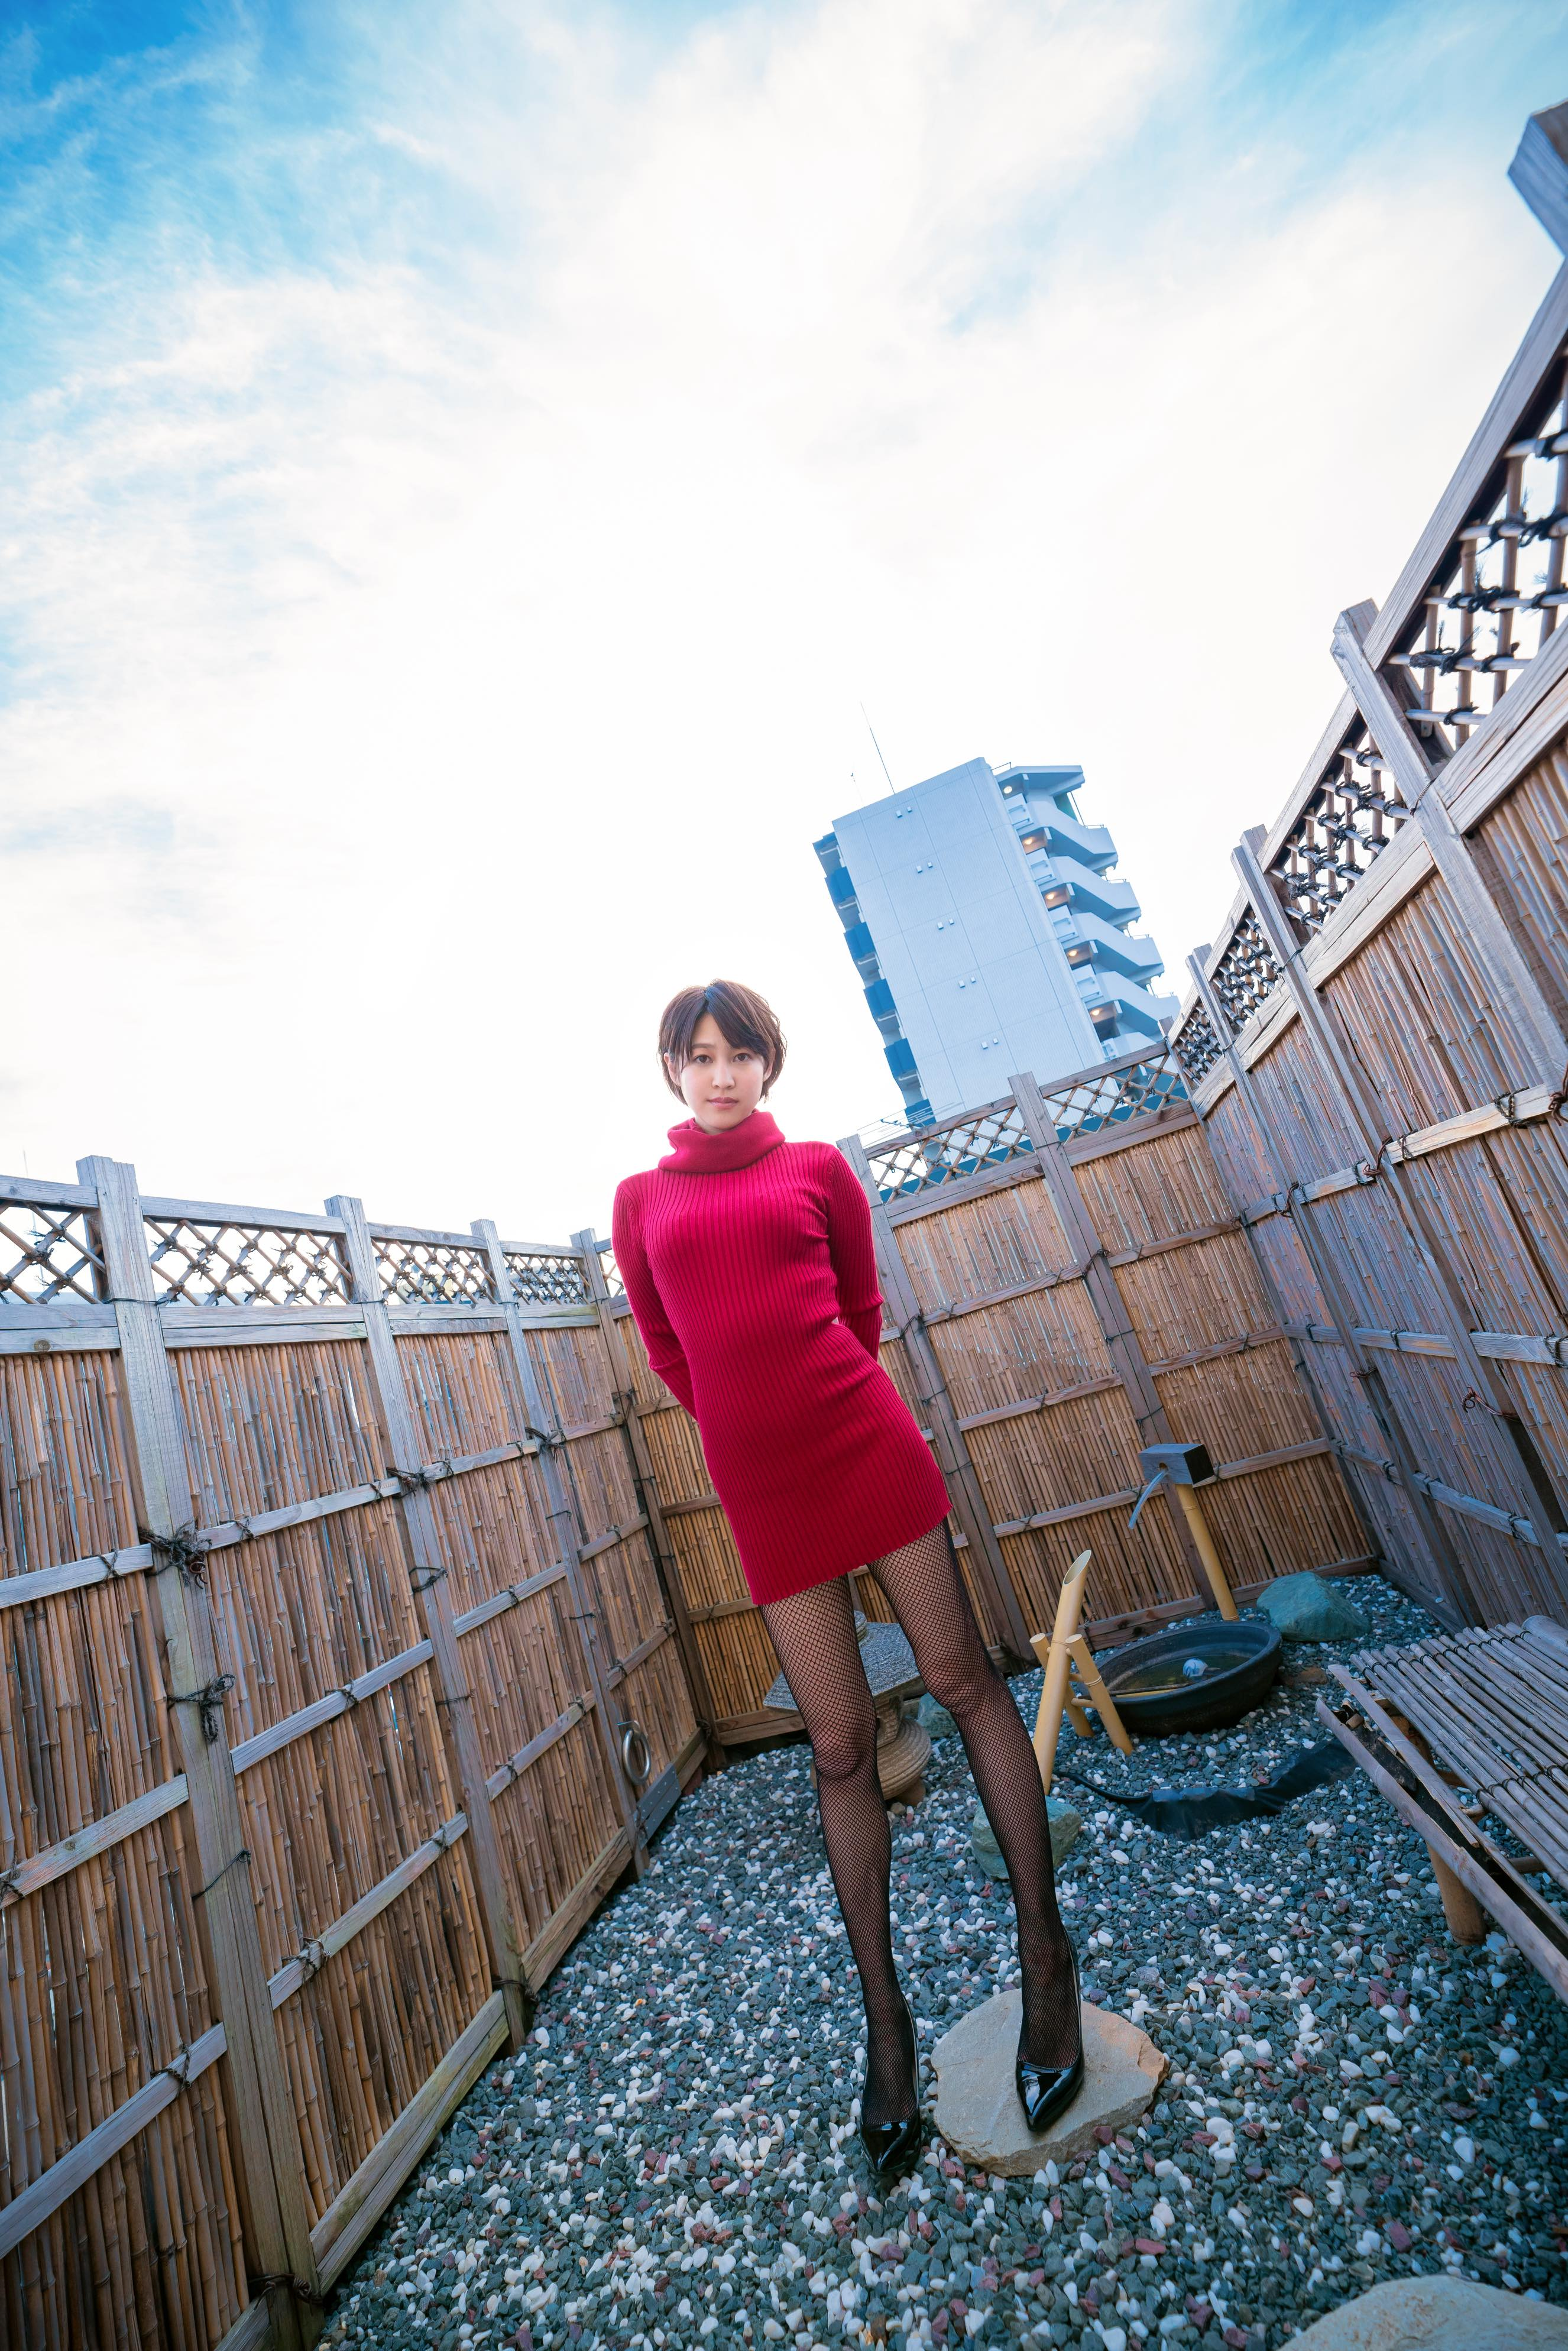 小柳歩「セクシー家庭教師」が年下男子と禁断の関係に?【写真11枚】の画像003